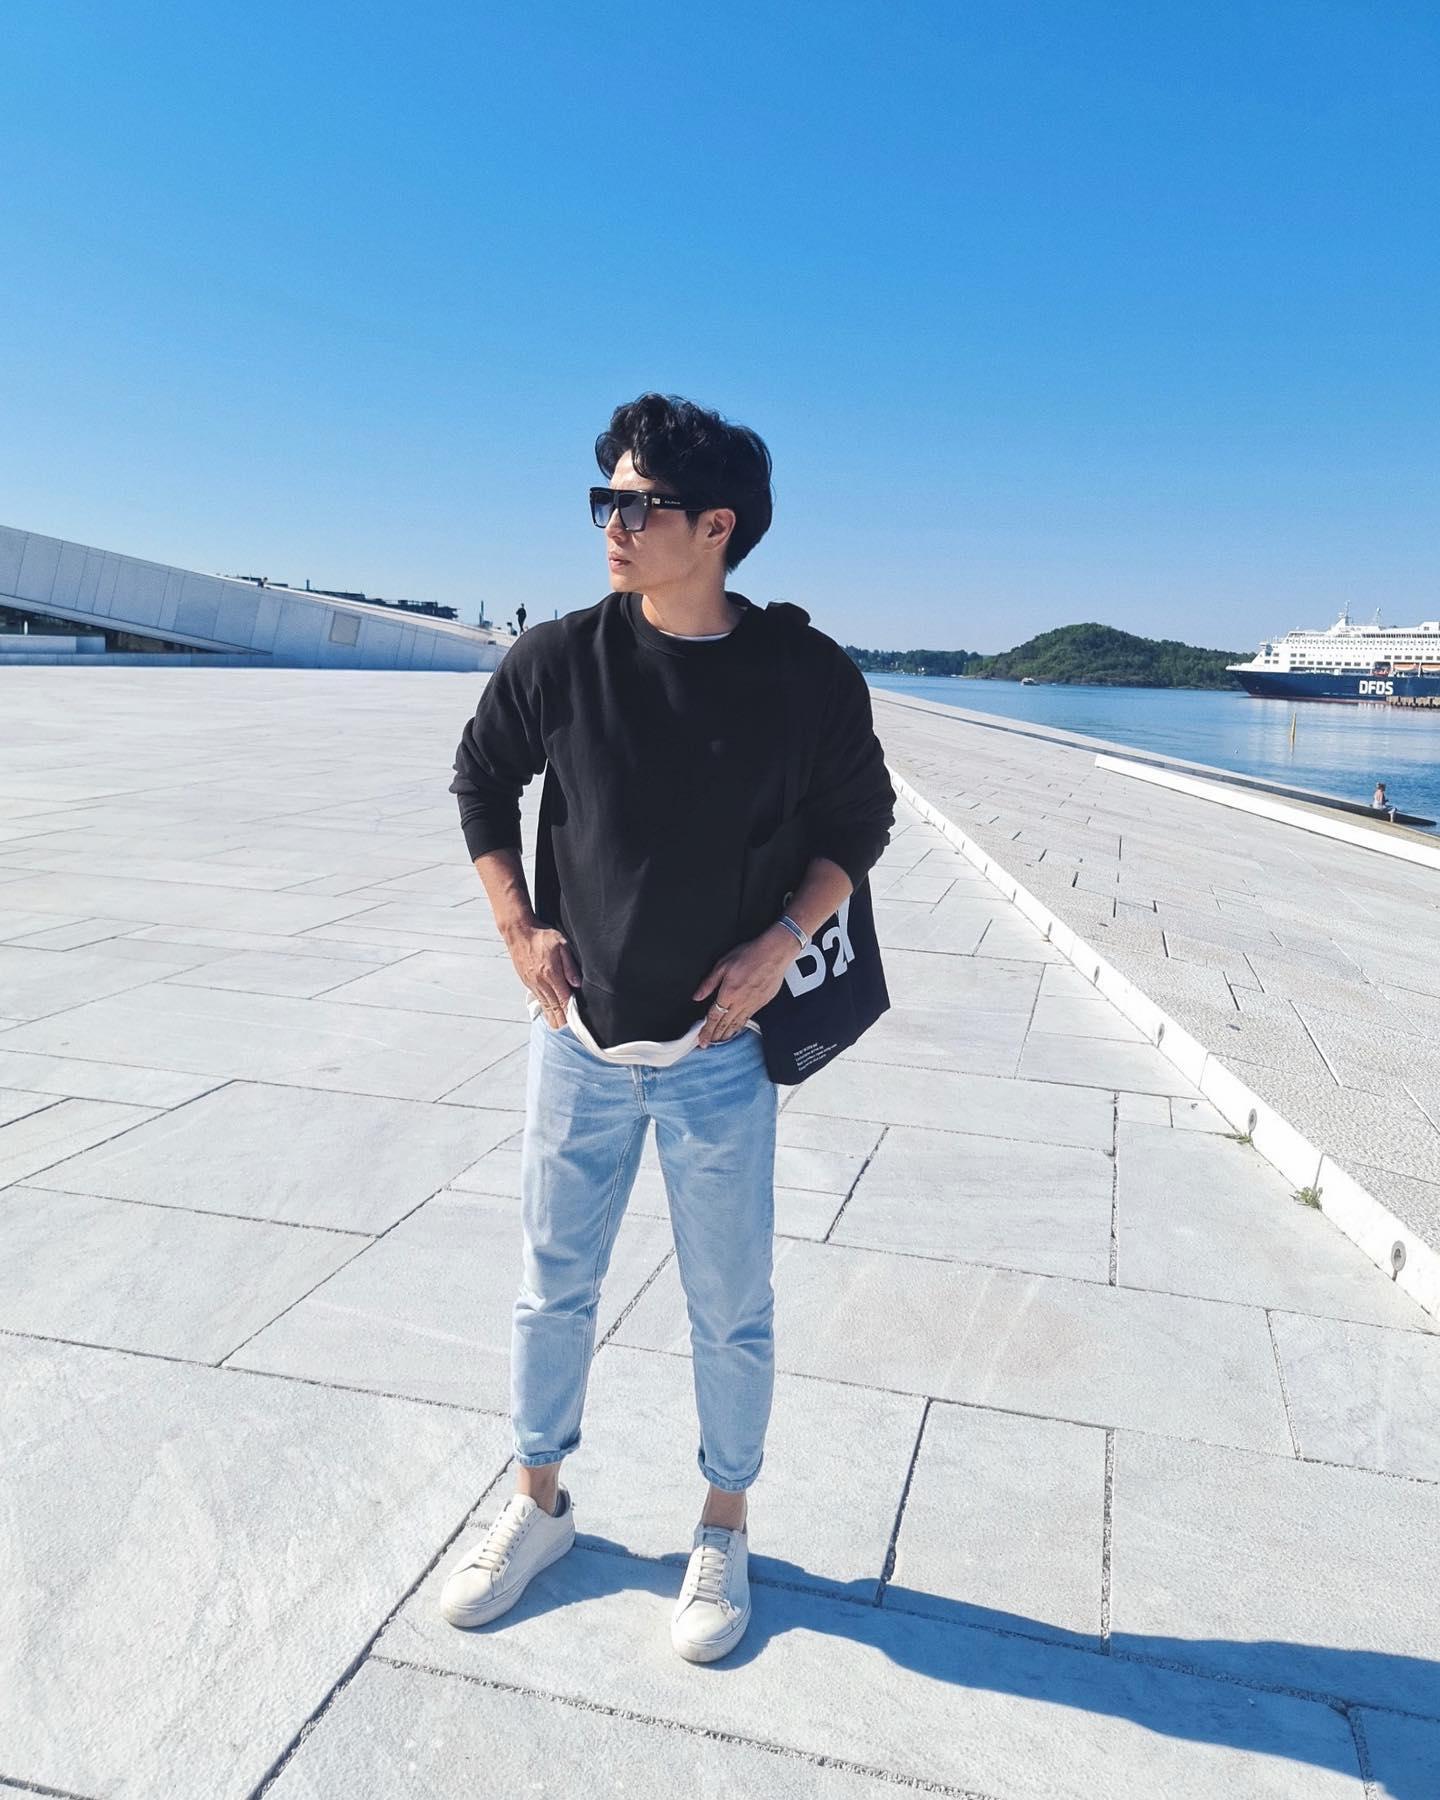 Huy Trần sinh năm 1990, sinh trưởng tại Đại nên anh cũng nhanh chóng hòa nhập cuộc sống mới ở Na Uy.